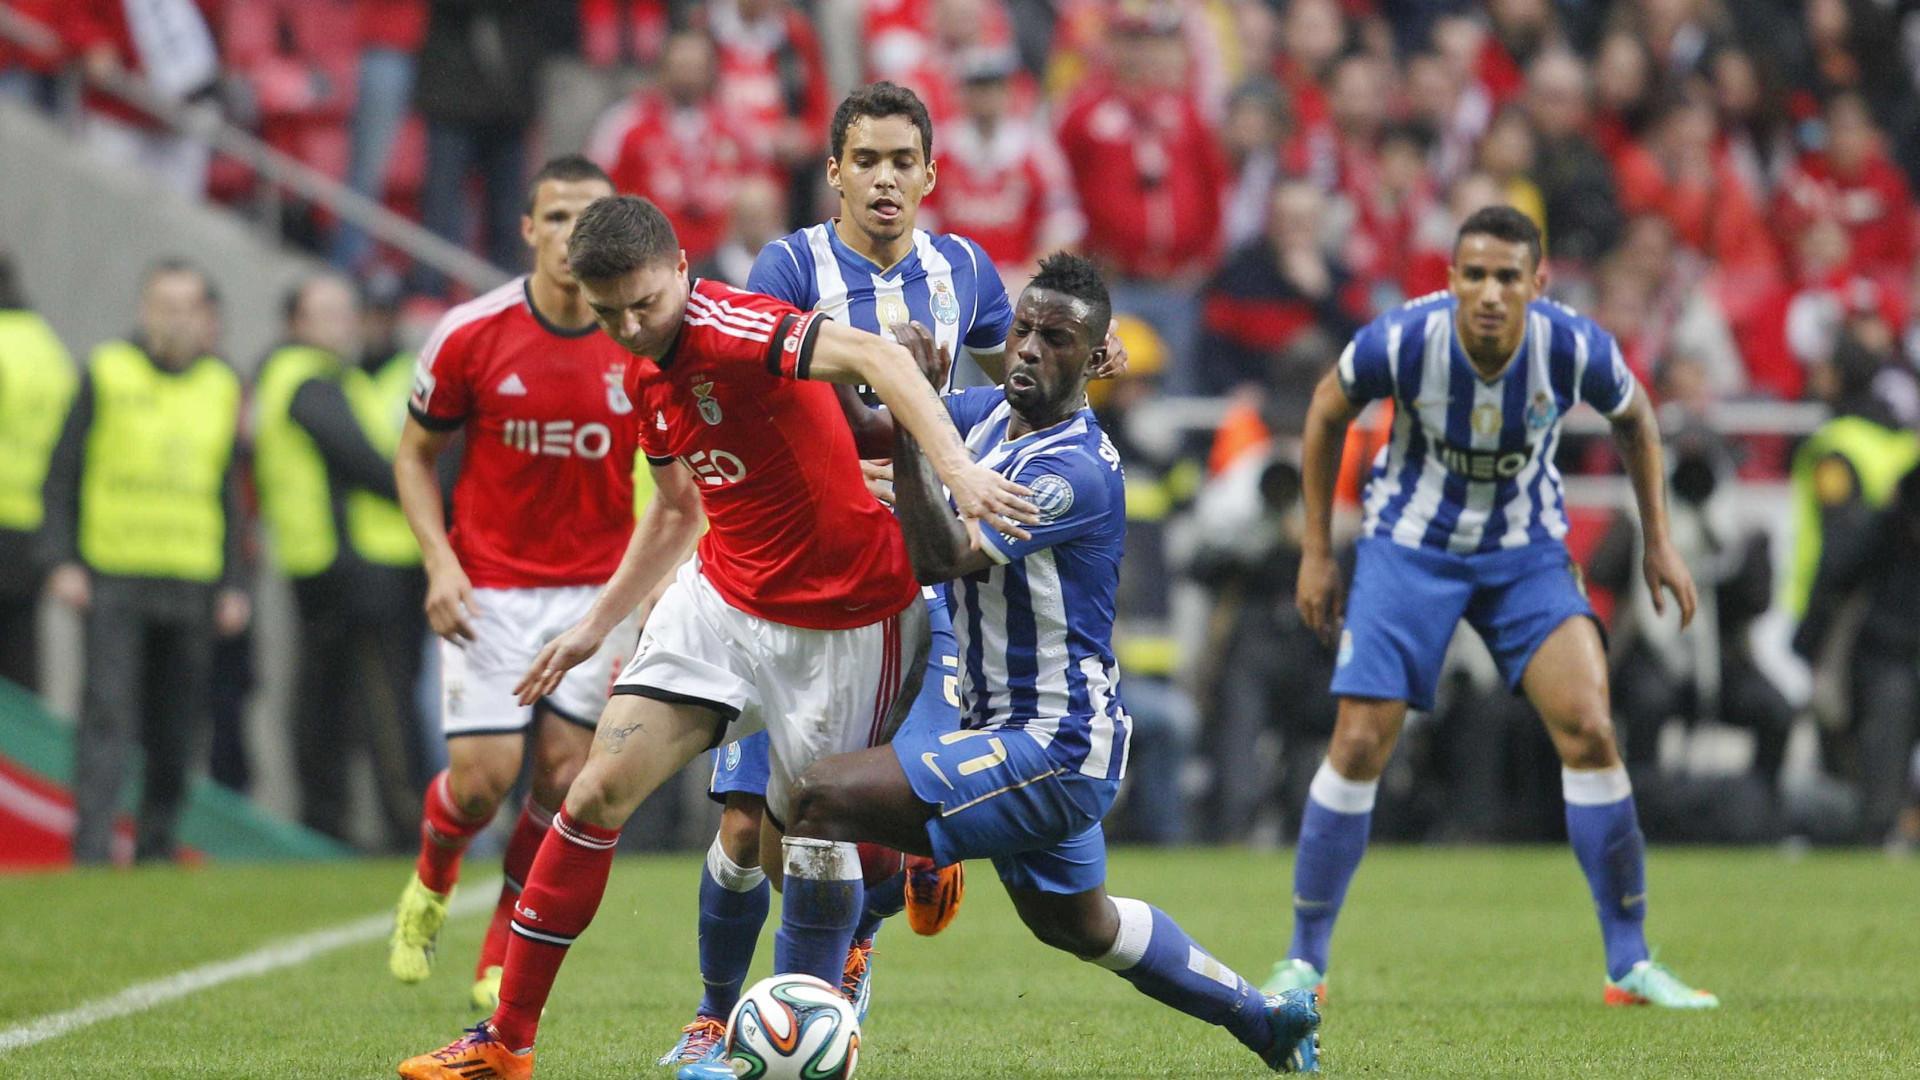 FC Porto - Benfica agendado para 26 de março